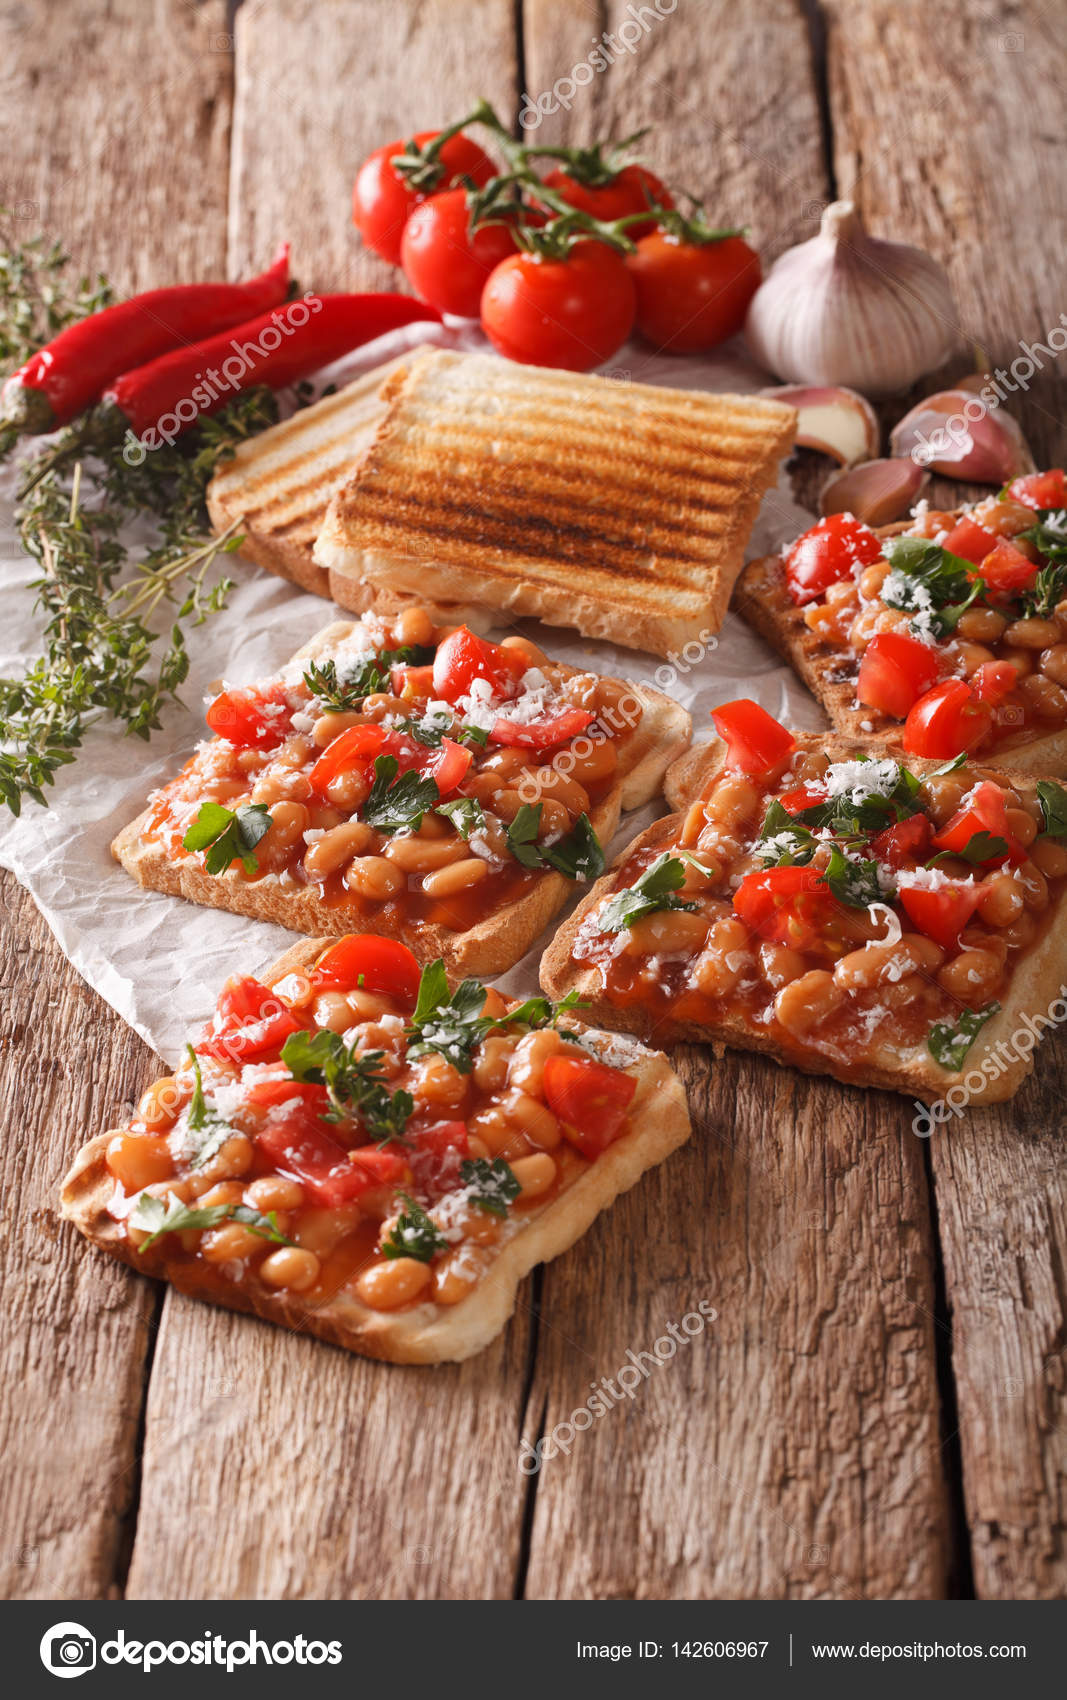 Inglese cucina: toast con fagioli bianchi, pomodori, formaggio e ga ...